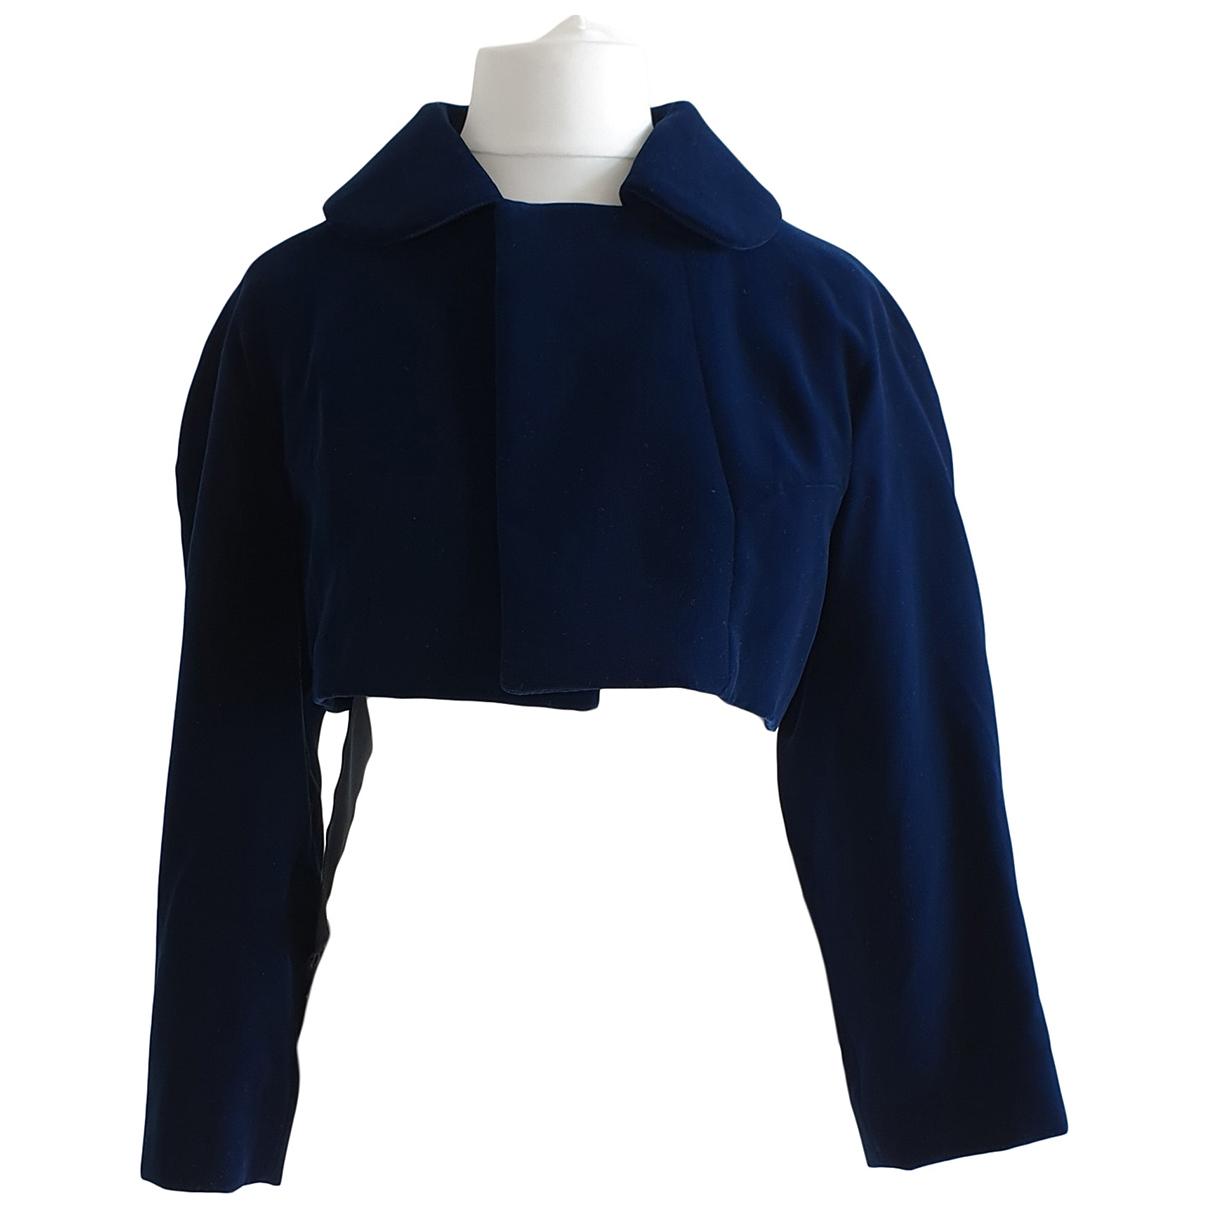 Comme Des Garcons \N Jacke in  Blau Baumwolle